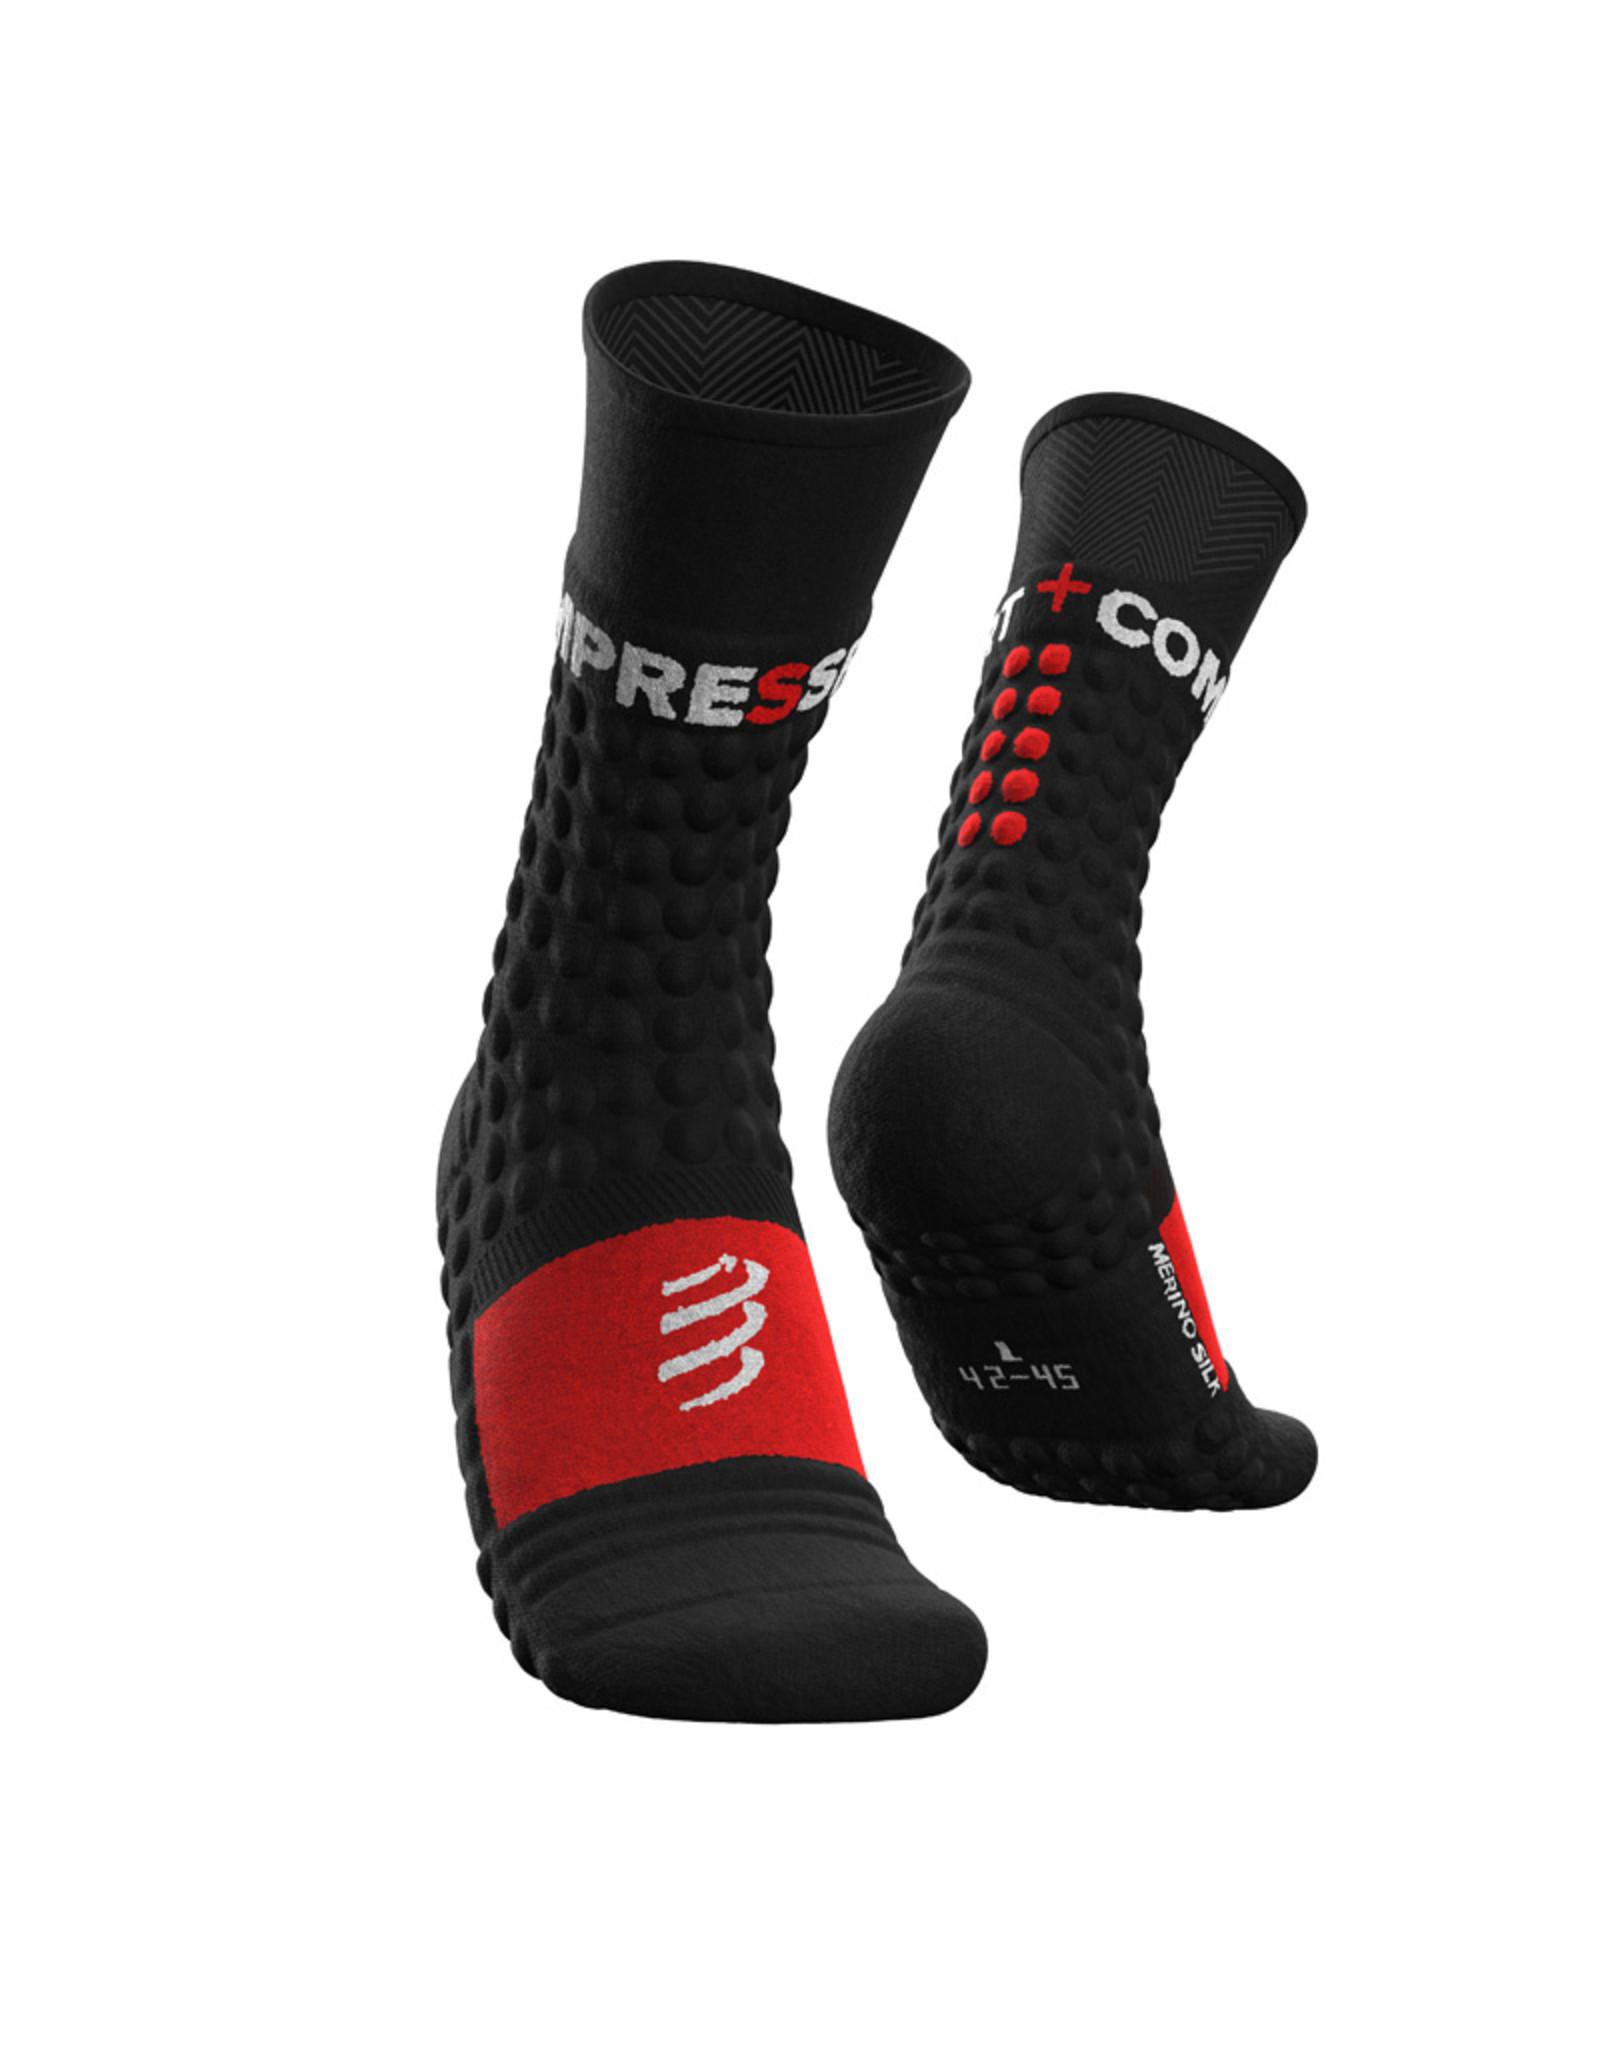 Compressport Pro Racing Socks Winter Run Hardloopsokken - Zwart/Rood